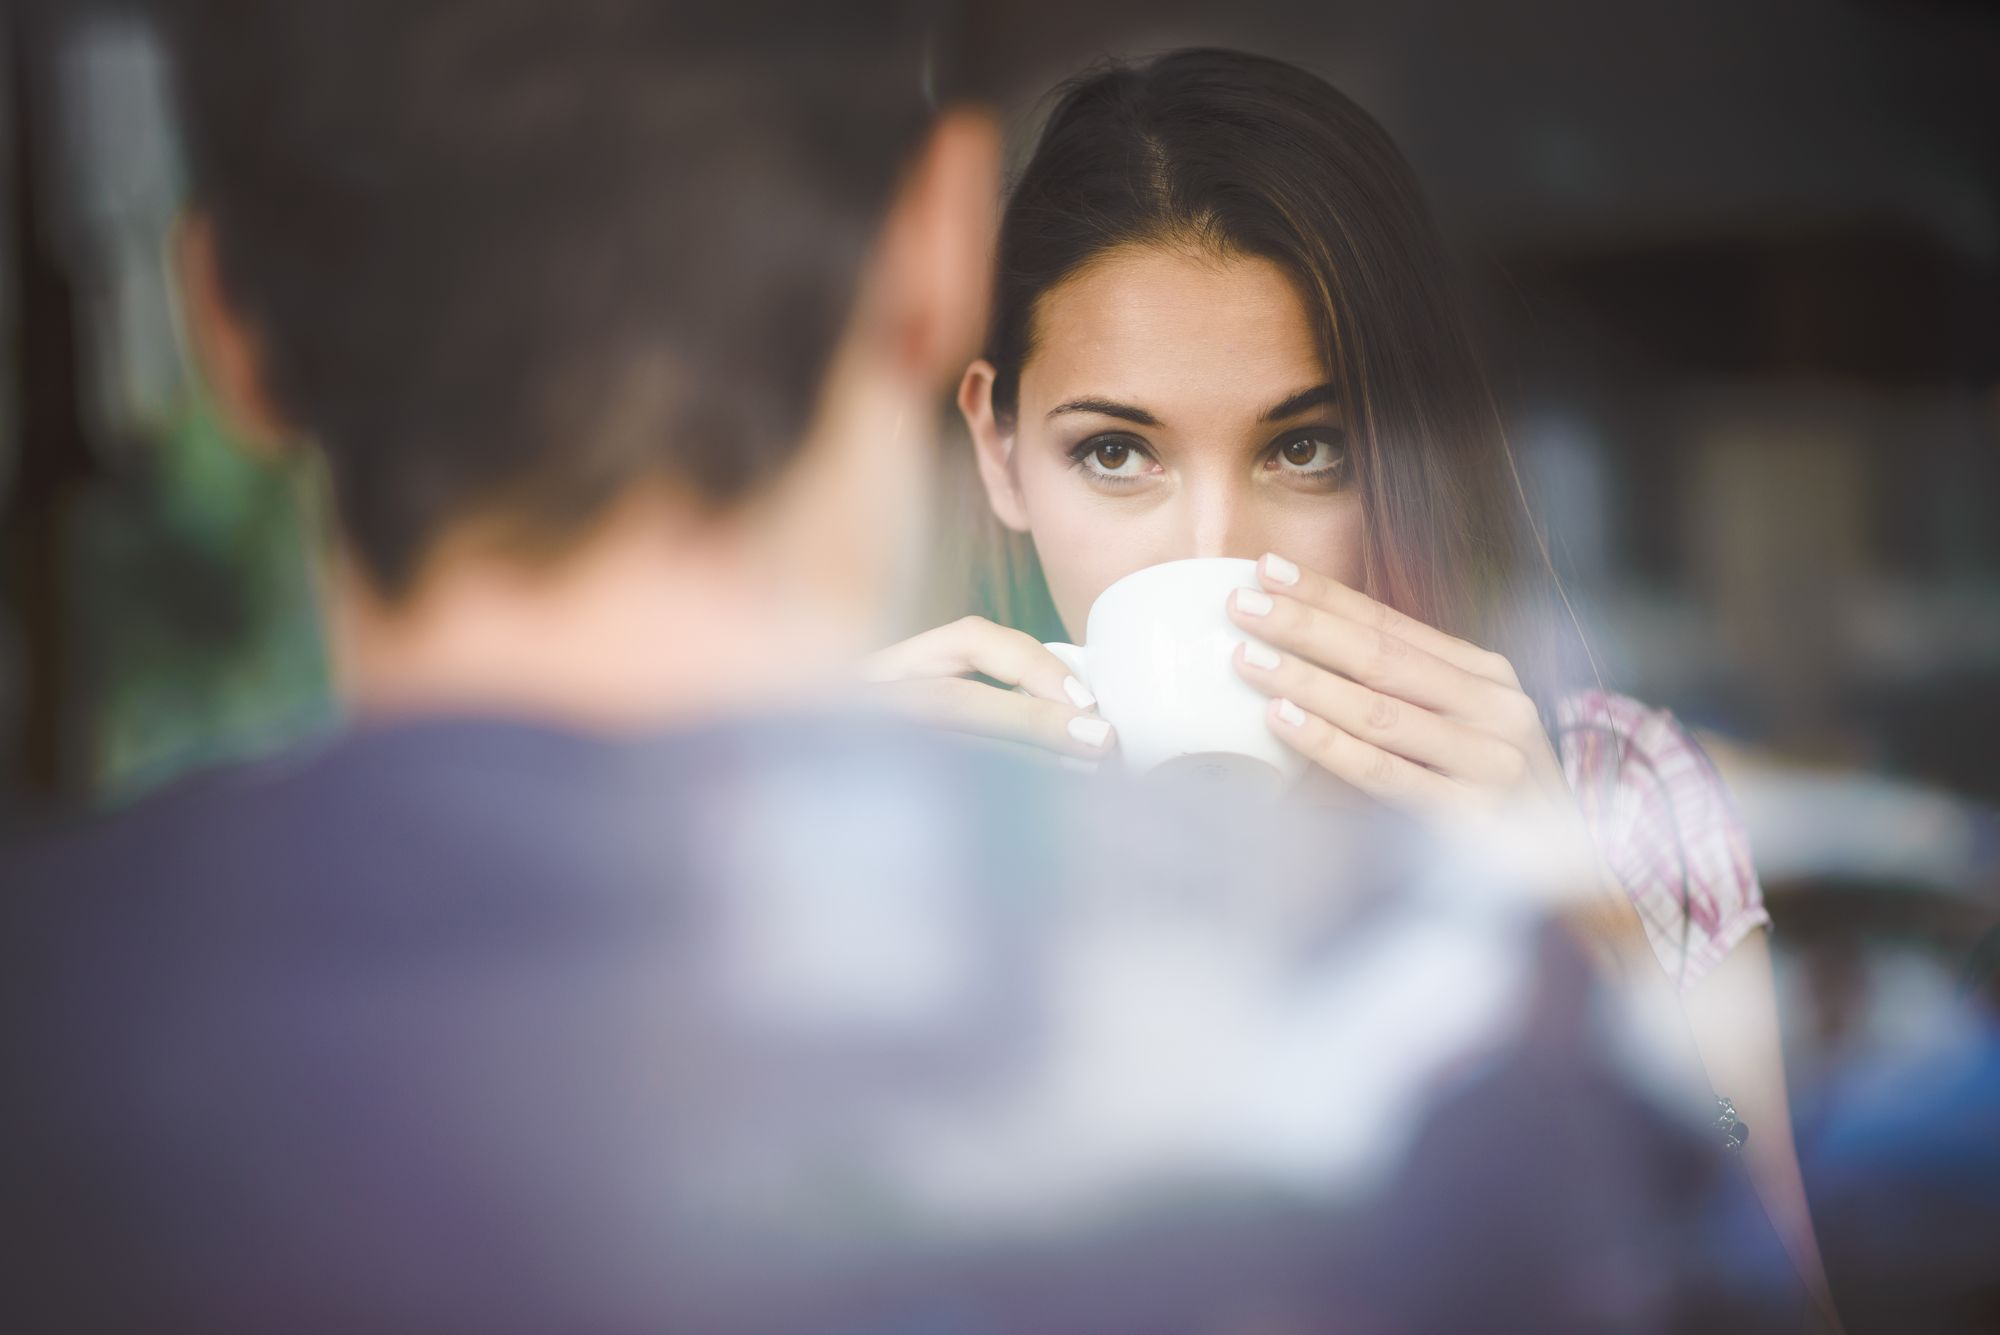 5 sposobów na uśmiech, przed którym żadna się nie oprze